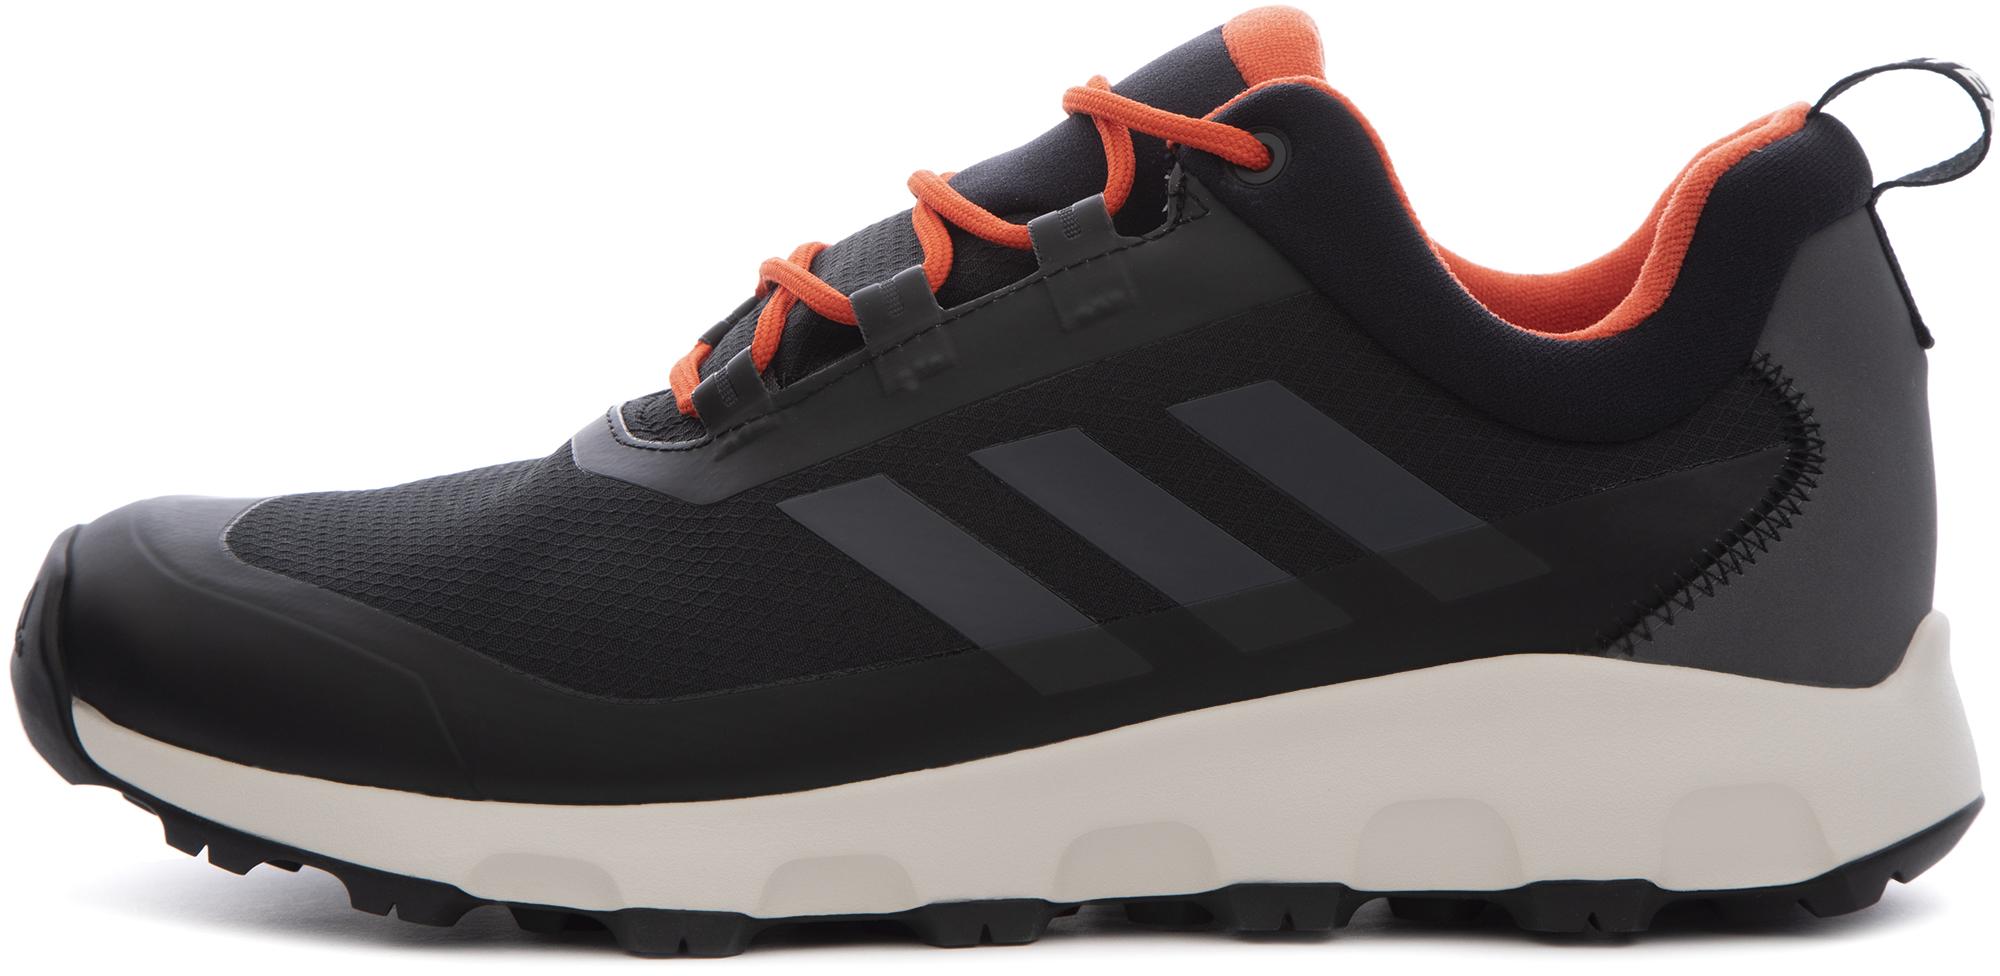 Adidas Полуботинки утепленные мужские Adidas Terrex CP CW Voyager, размер 42 adidas ботинки мужские adidas terrex tivid mid climaproof размер 40